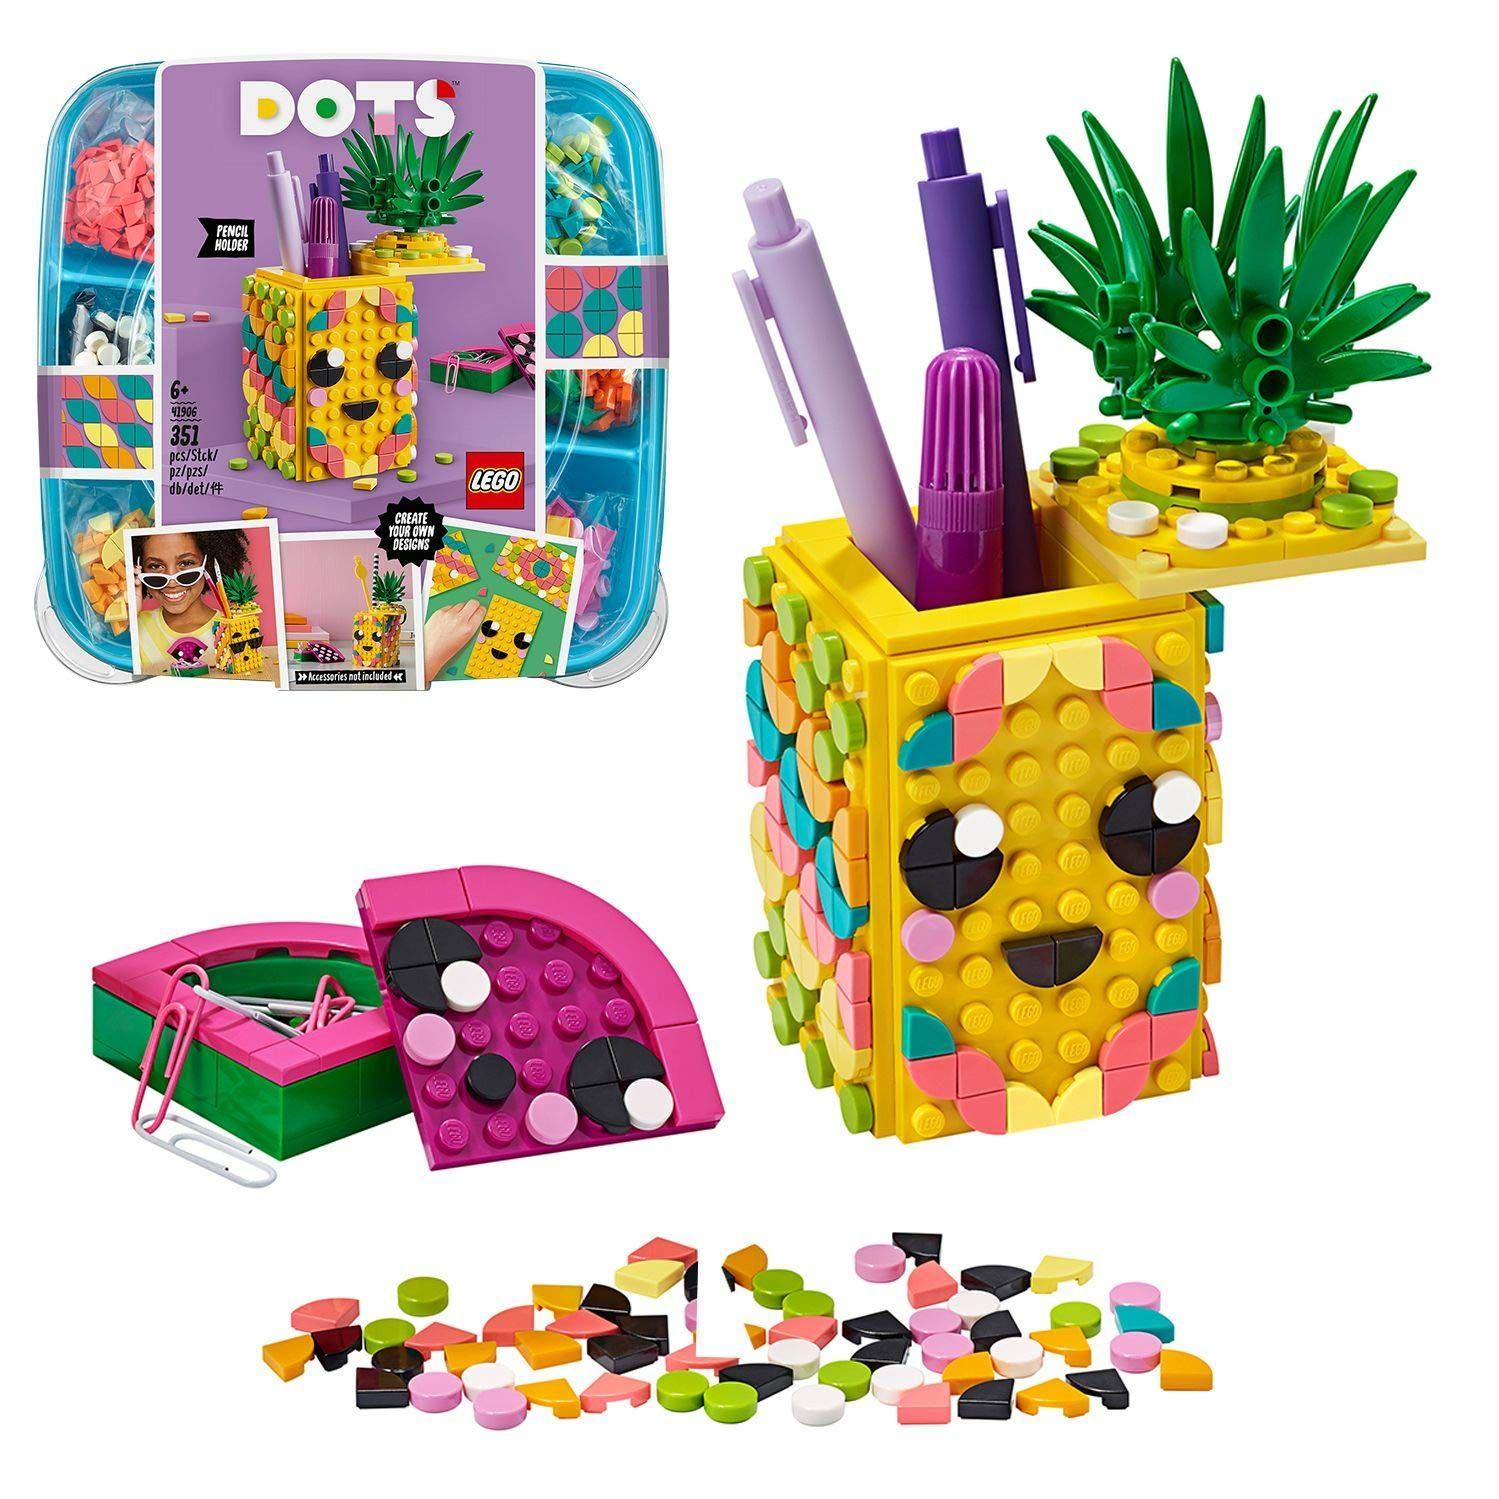 Nouveauté Lego Dots pour fille à partir de 6 ans - Un max d'idées en 2020 | Lego, Porte crayon ...